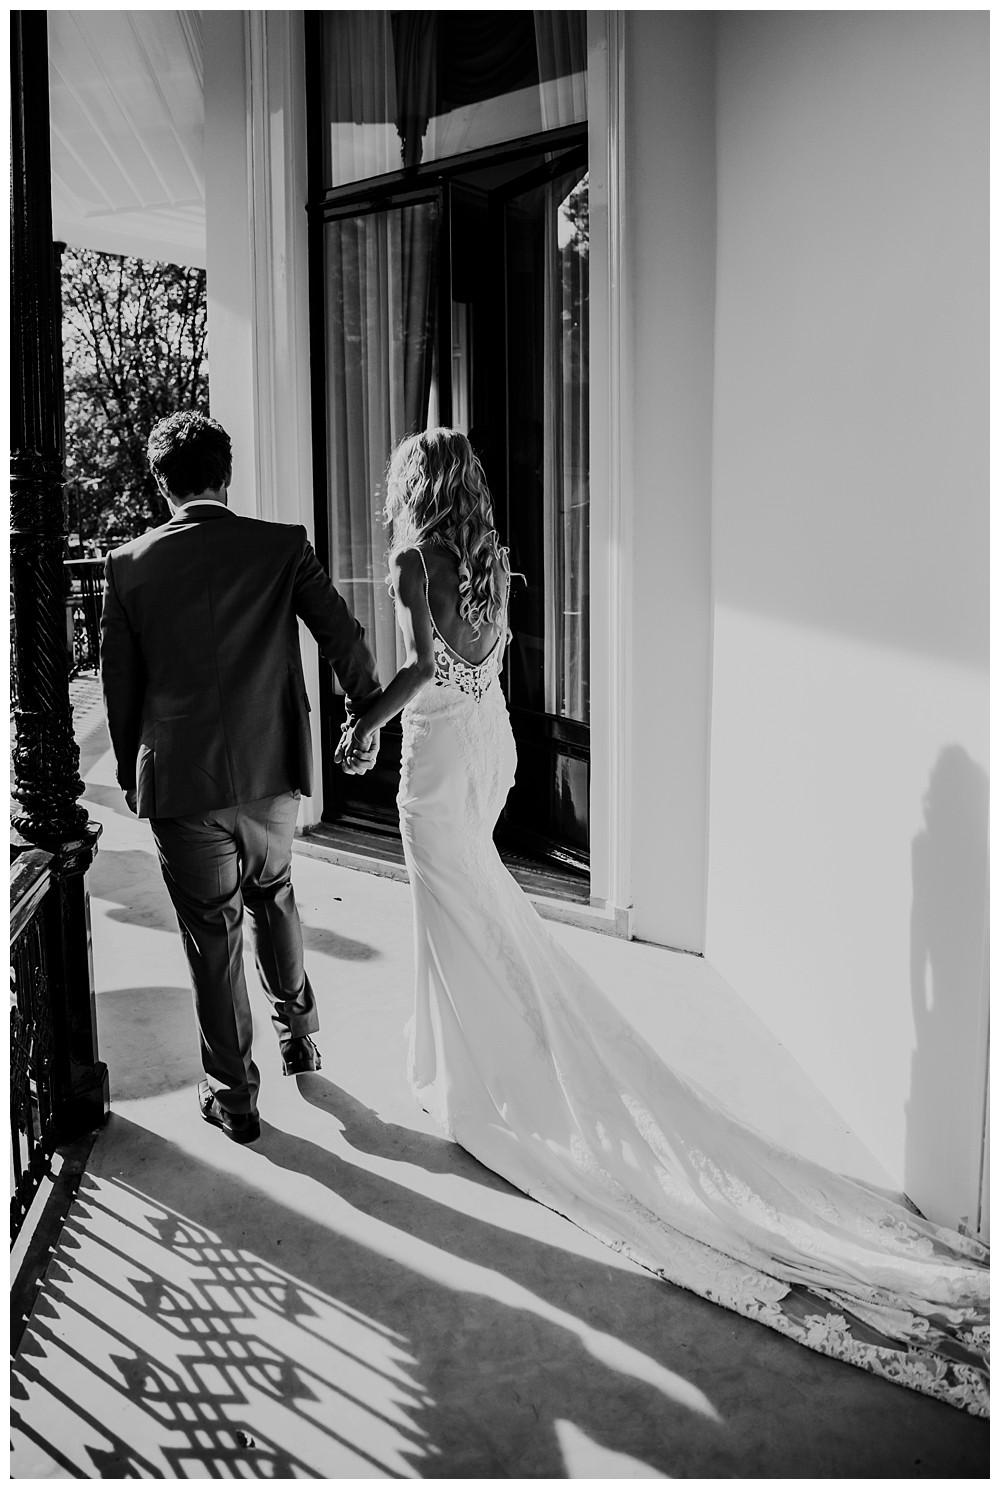 Oh-Belle_blog_Bruiloft_De-Vanenburg_Putten_Fotograaf-Putten_0070 Bruiloft De Vanenburg Putten